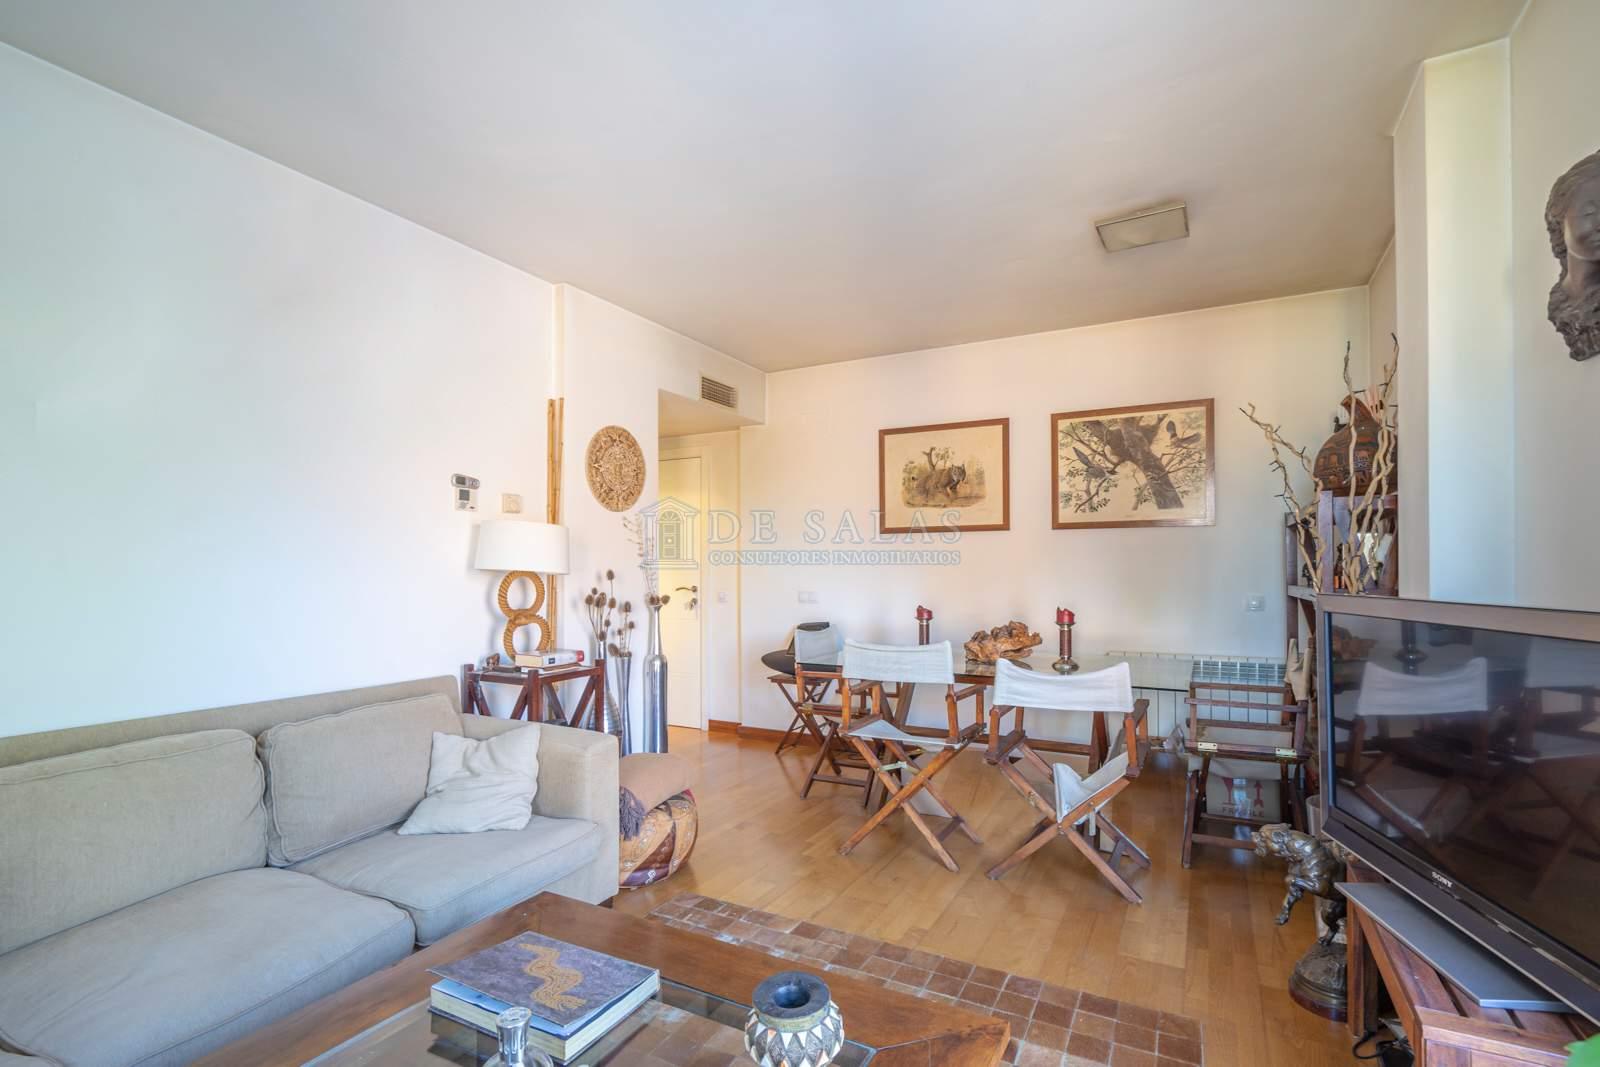 14 Appartement Arturo Soria